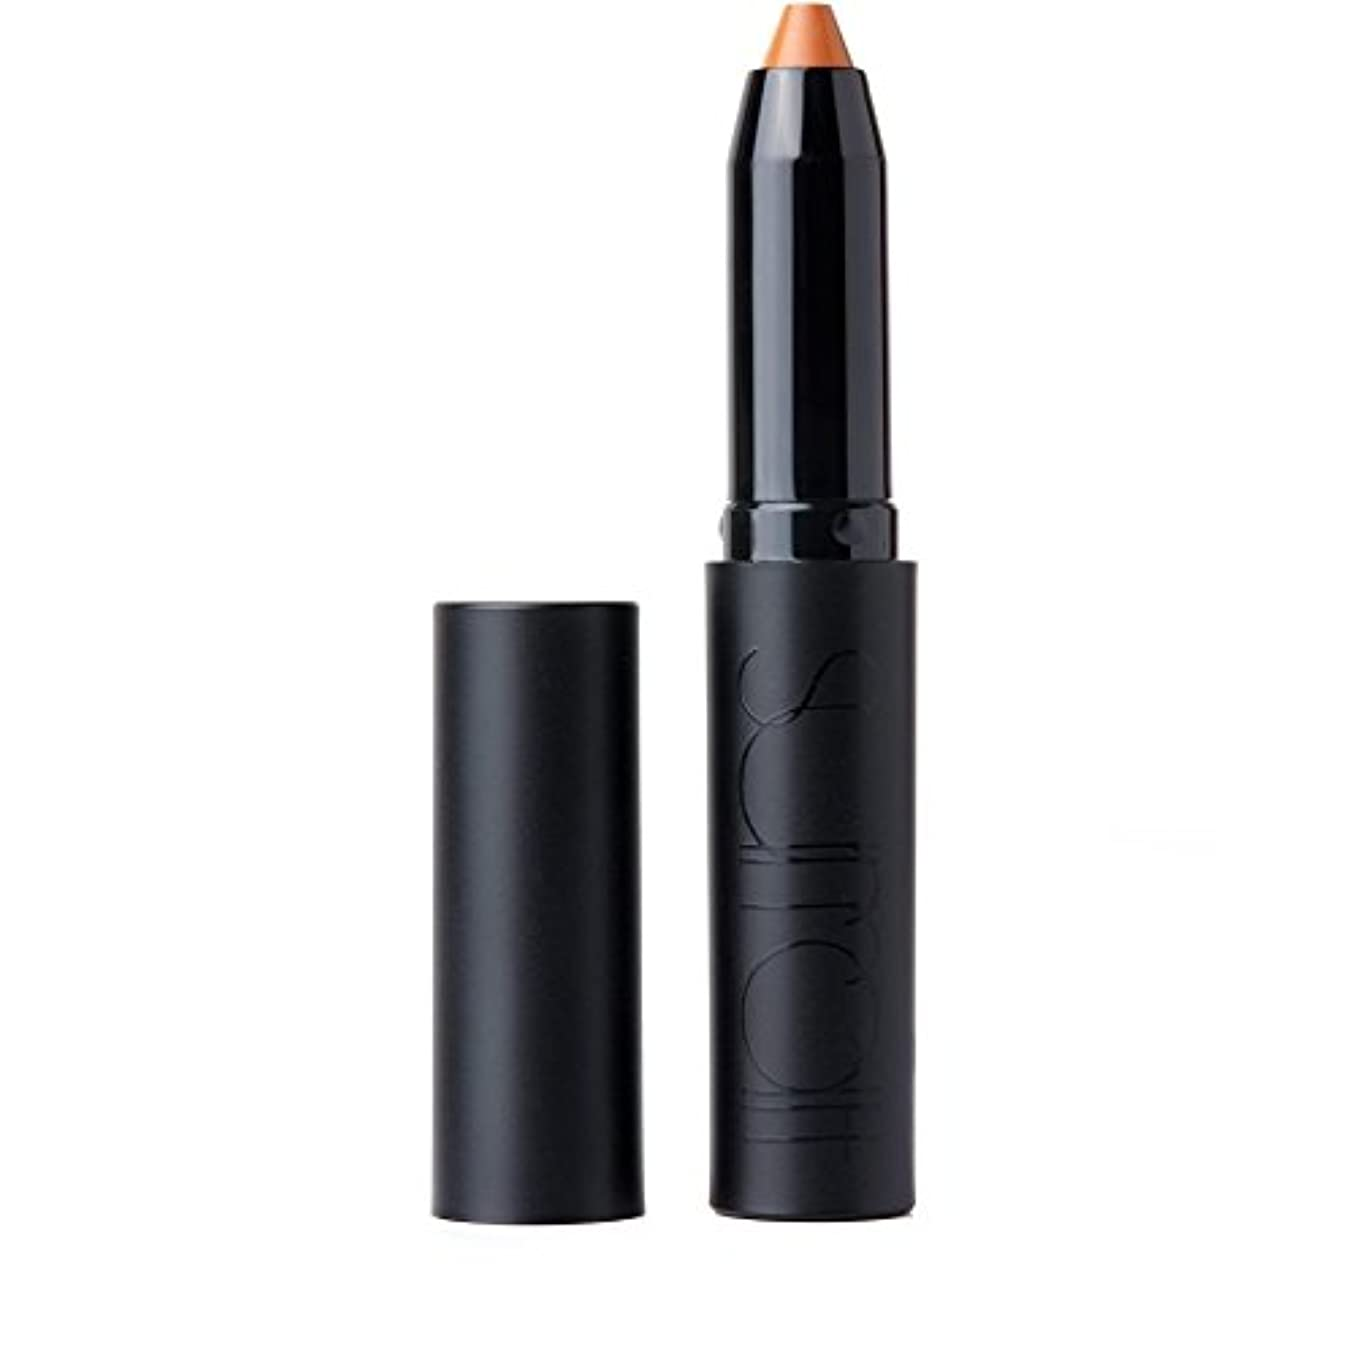 そっとフレッシュ賞Surratt Lip Crayon 19 In The Buff (Pack of 6) - バフでリップクレヨン19 x6 [並行輸入品]